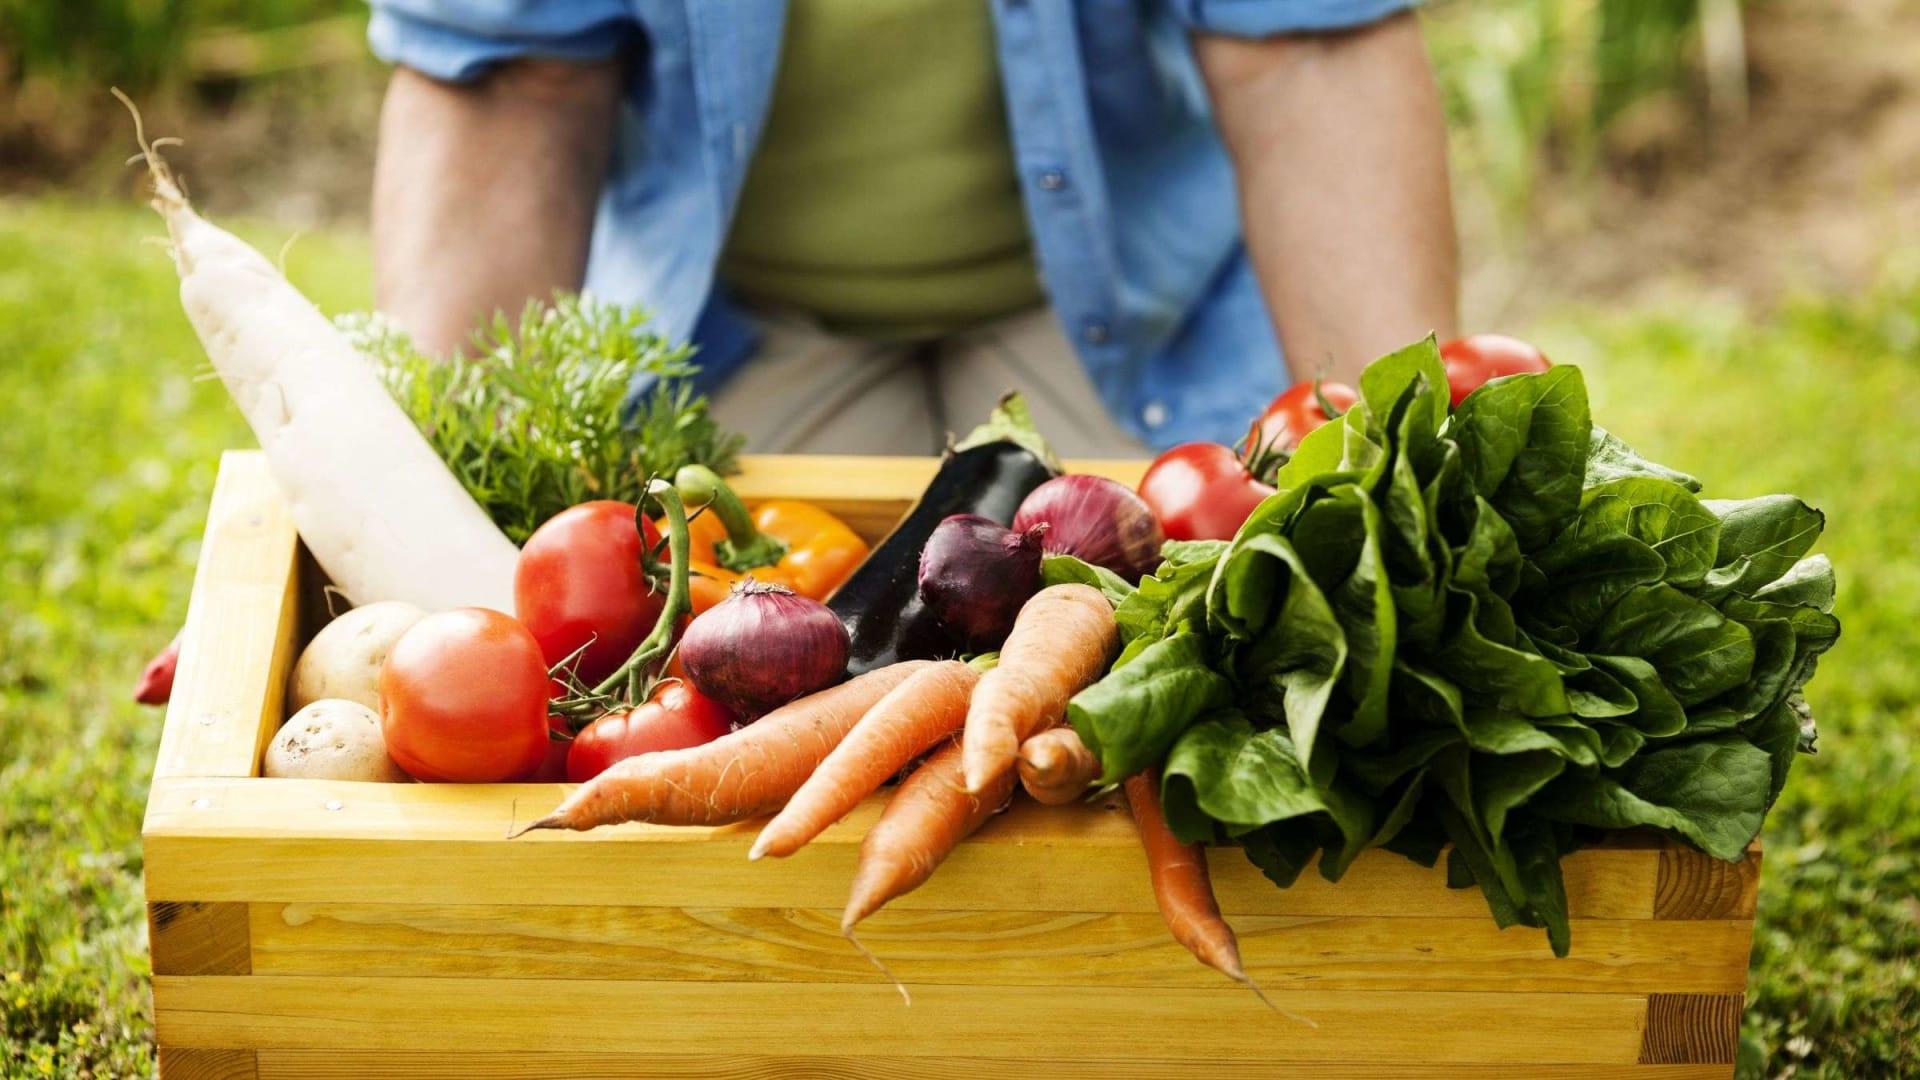 كيف تحسن عاداتك الغذائية في عام 2021؟ إليك بعض النصائح